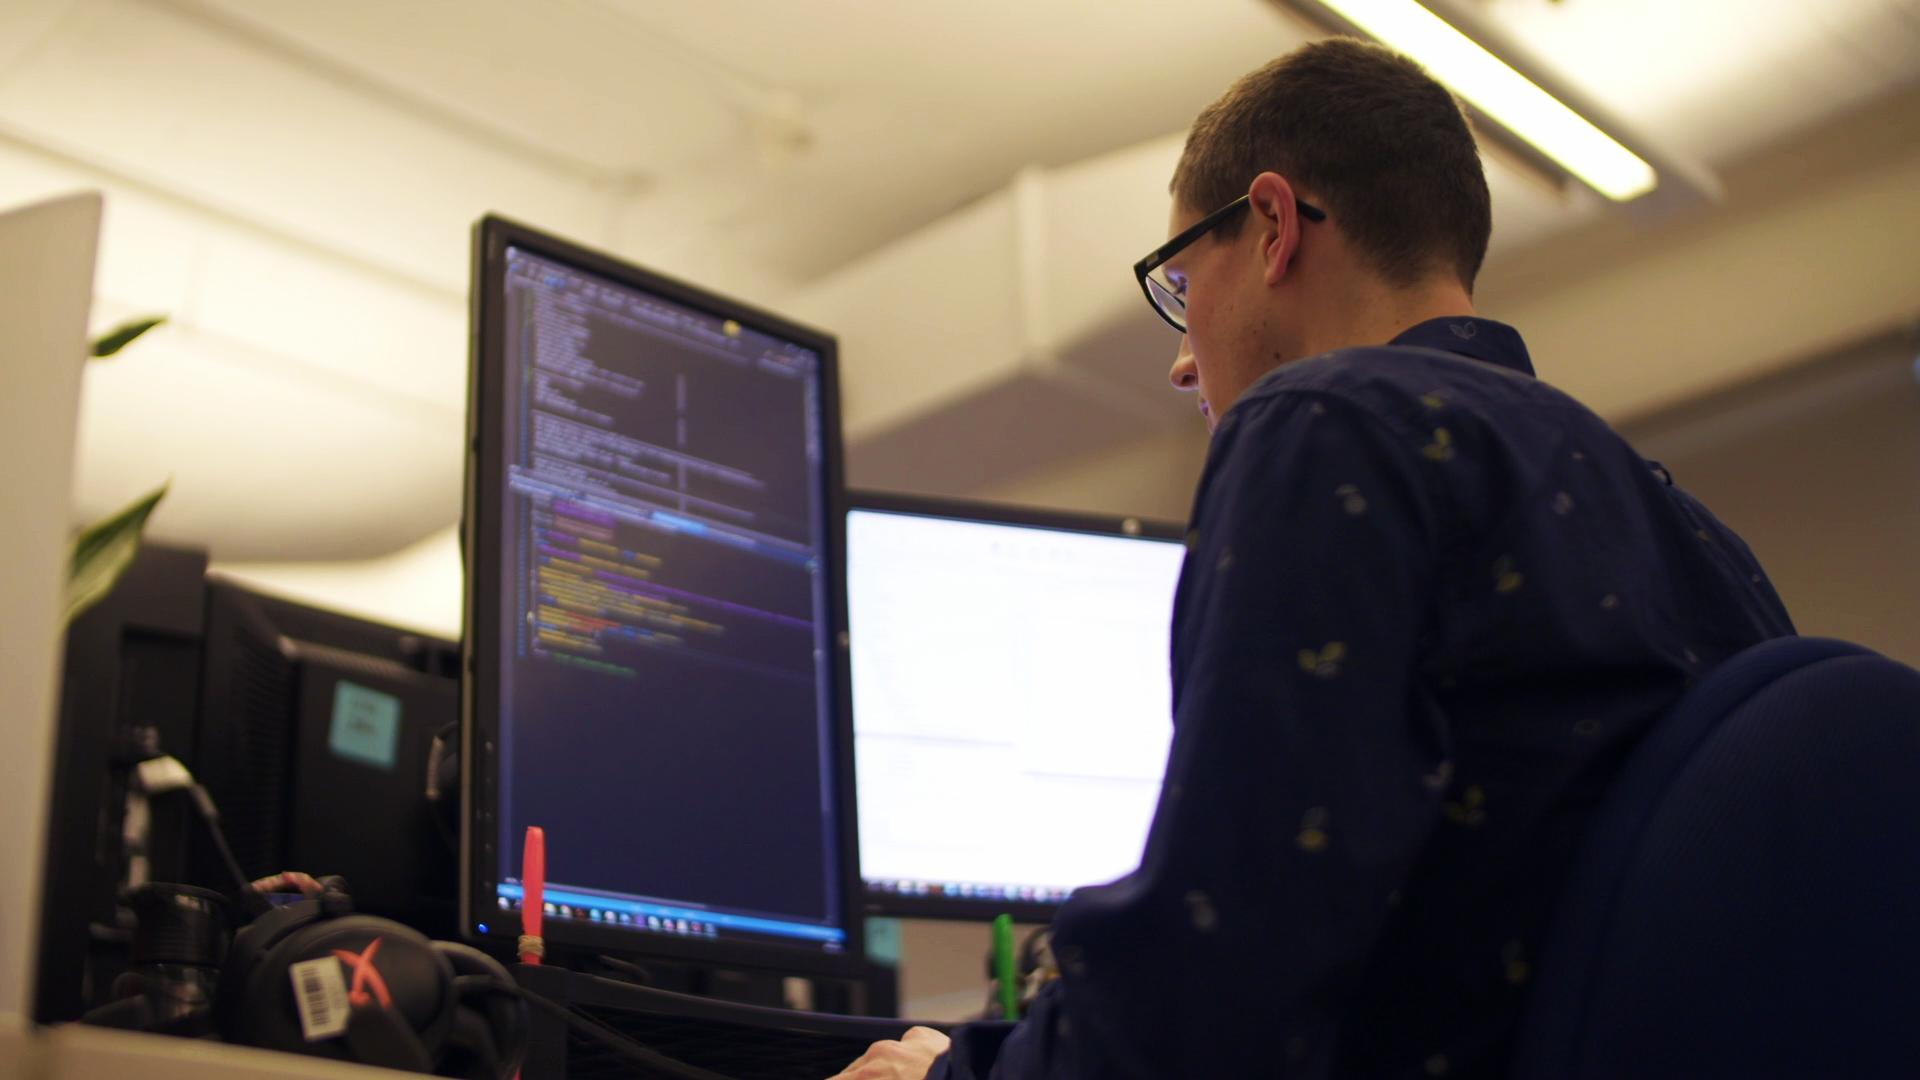 Le métier d'Alexandre Audette Génier: programmeur intelligence artificielle